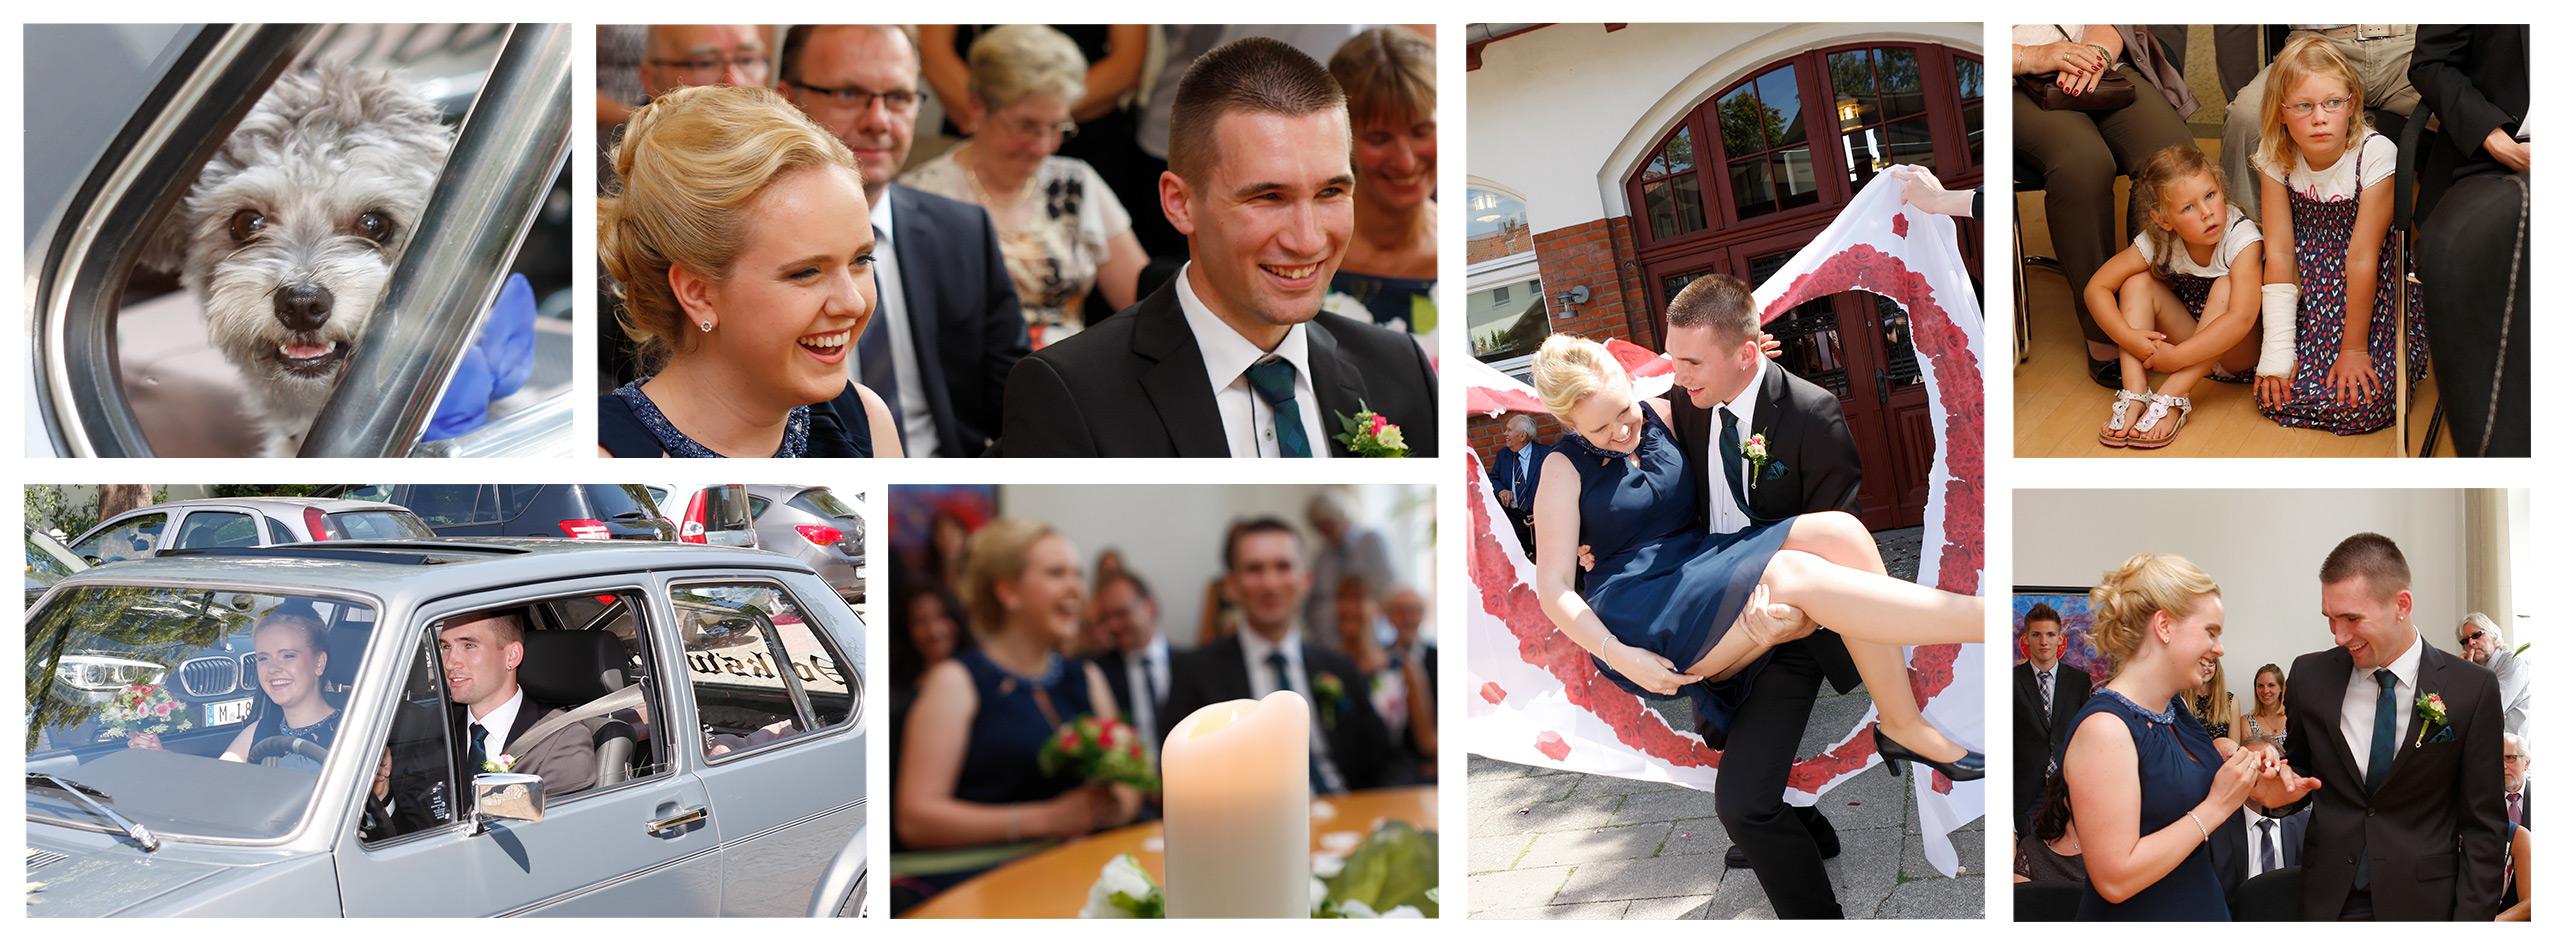 Auf diesen Bild sehen sie den Hochzeitsfotografen Hannover bei der Arbeit auf dem Standesamt. Eine Collage von Standesamtlichen Bildern. Fotografiert vom Hochzeitsfotograf Hannover.